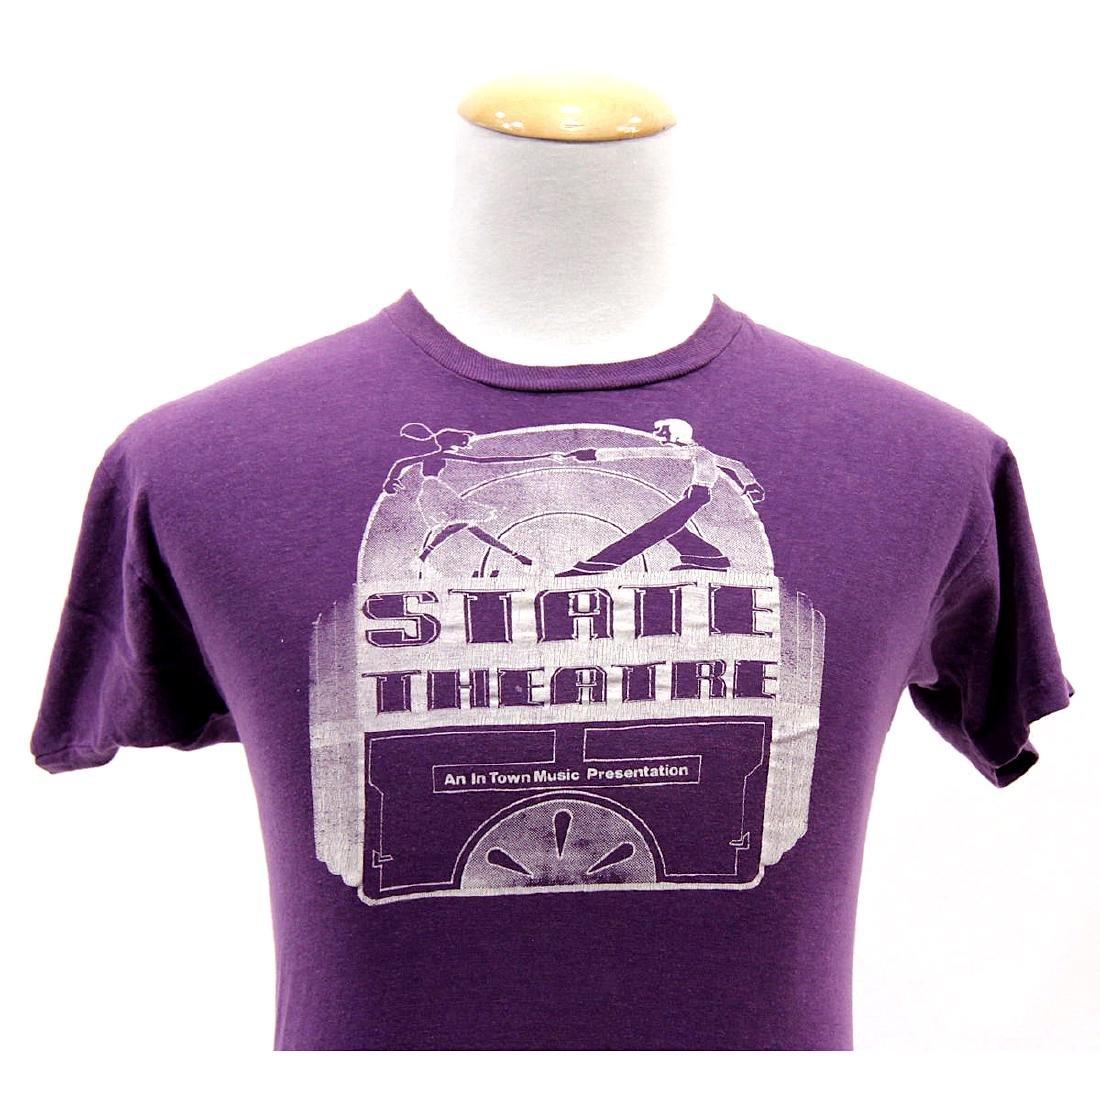 State Theatre - New Brunswick, NJ - 1976 Staff T-Shirt